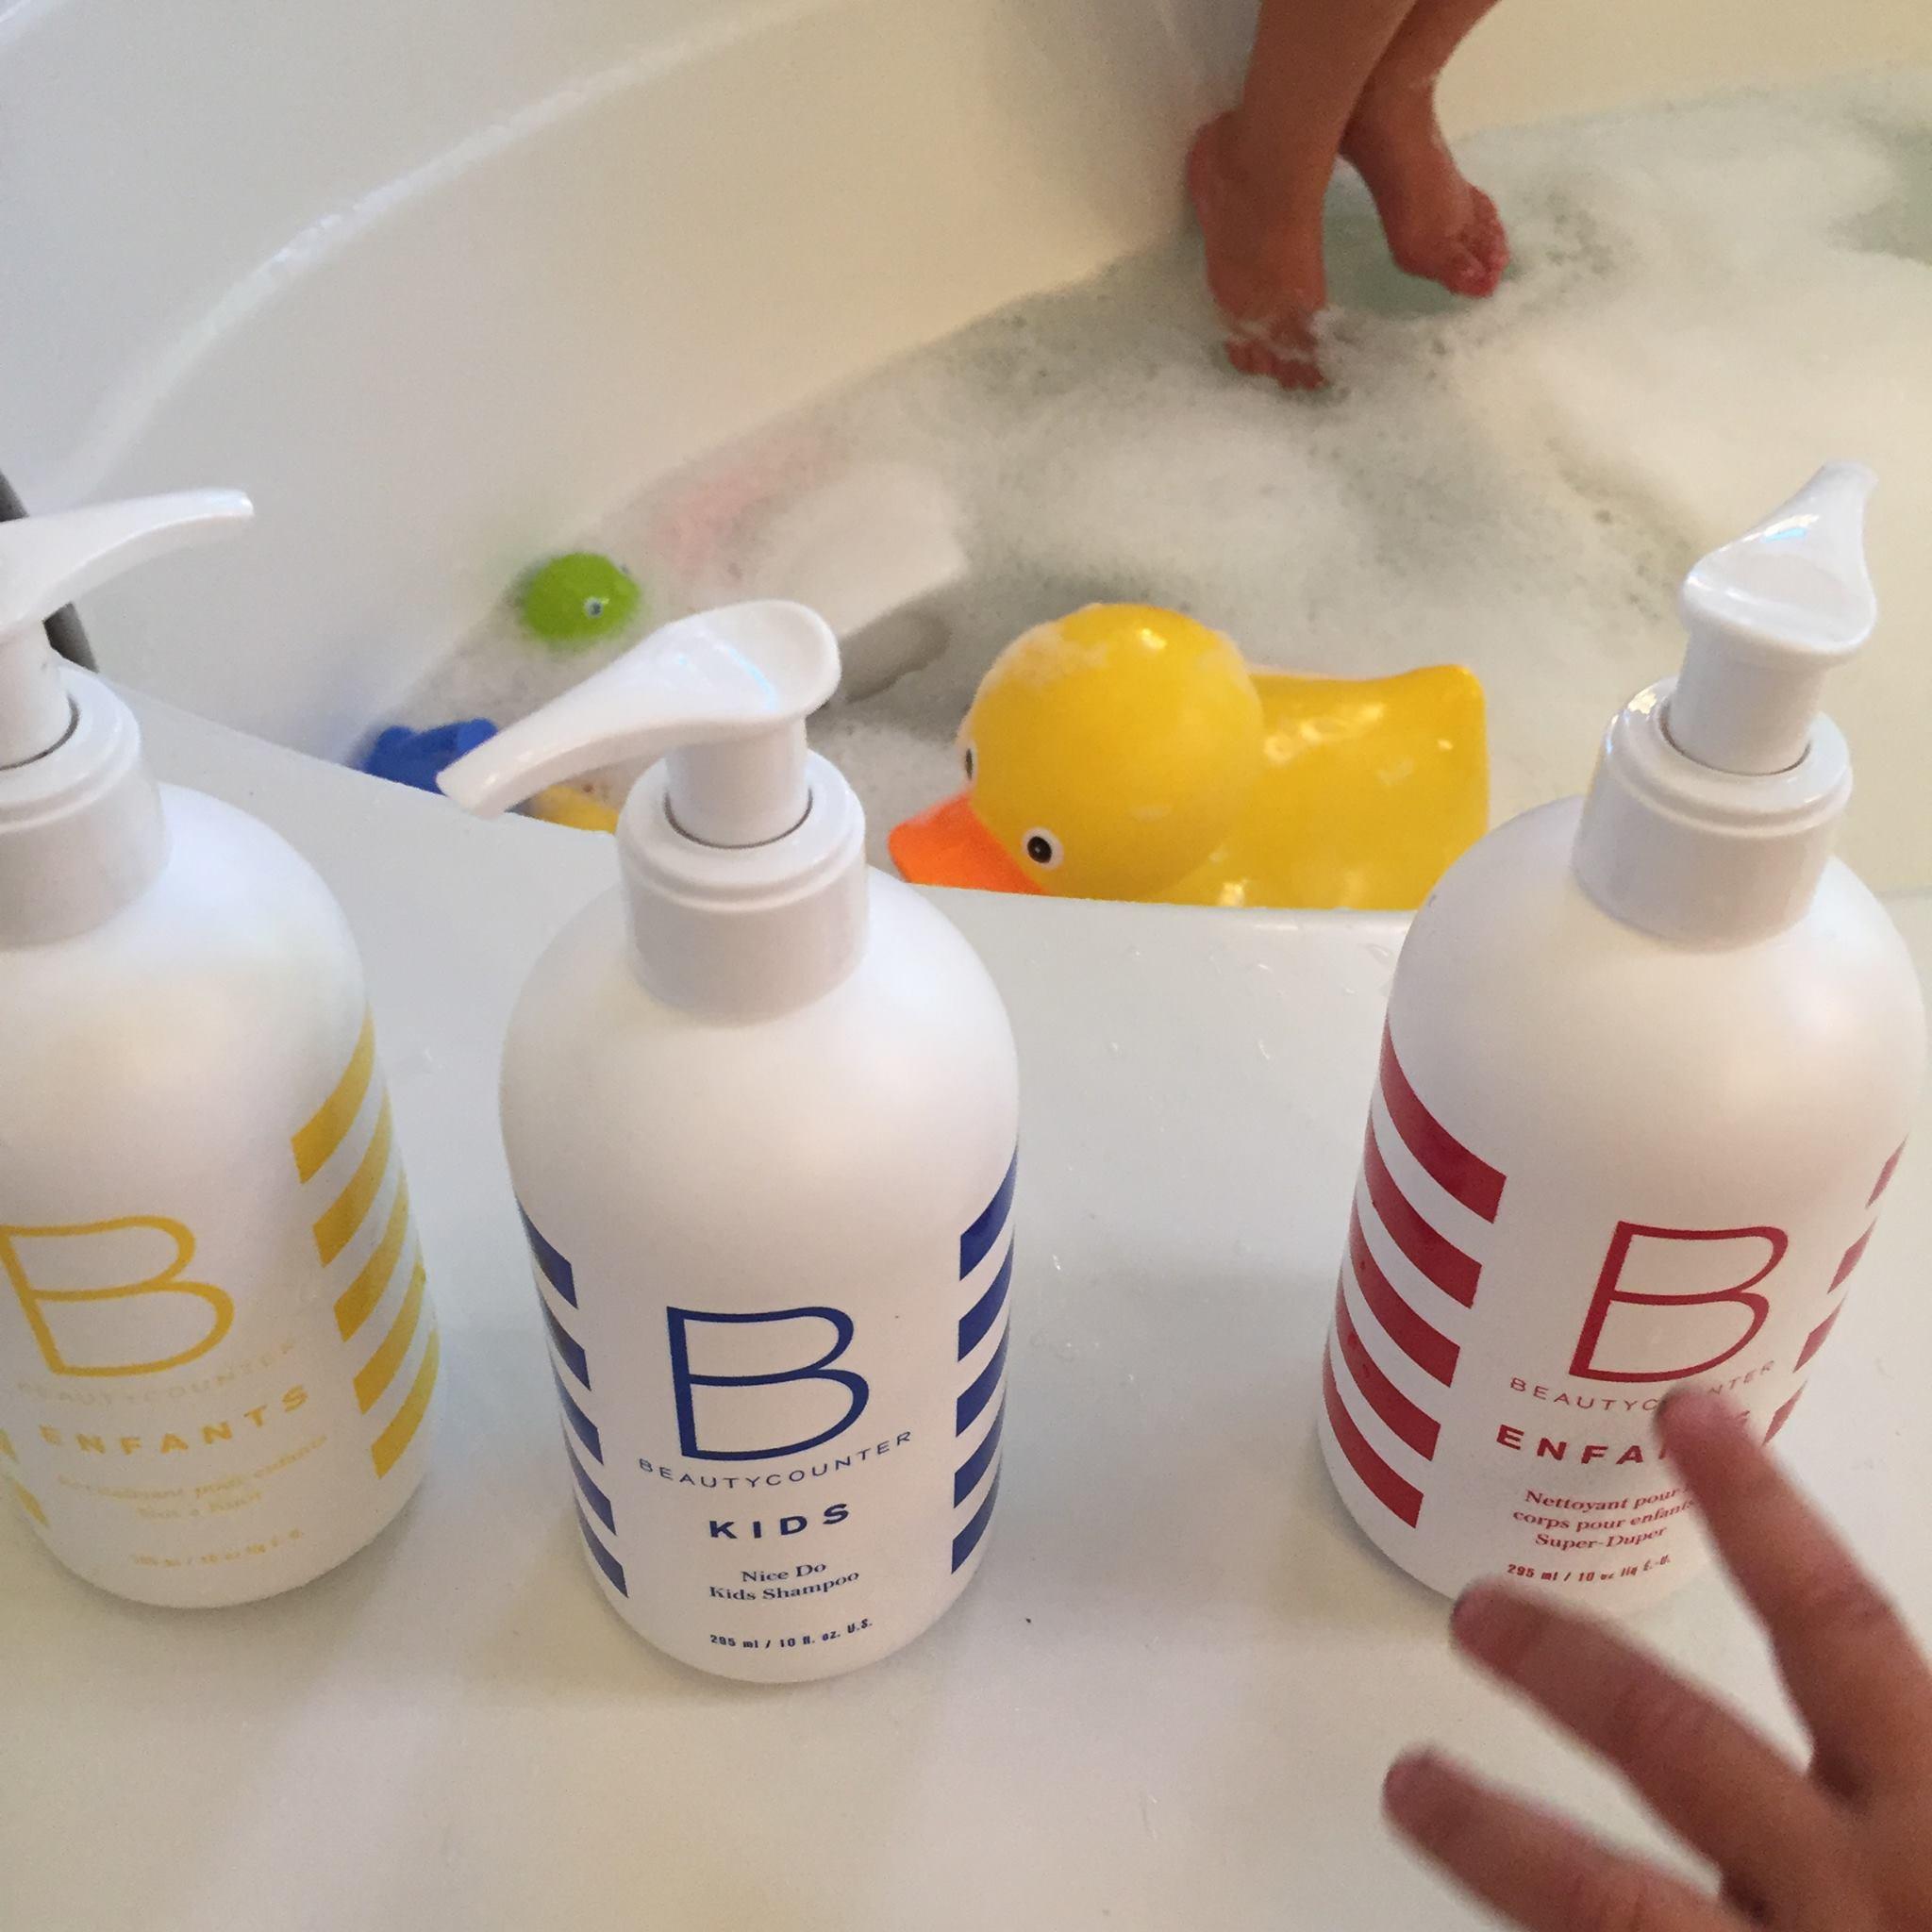 Rub a dub dub, my girls in the tub